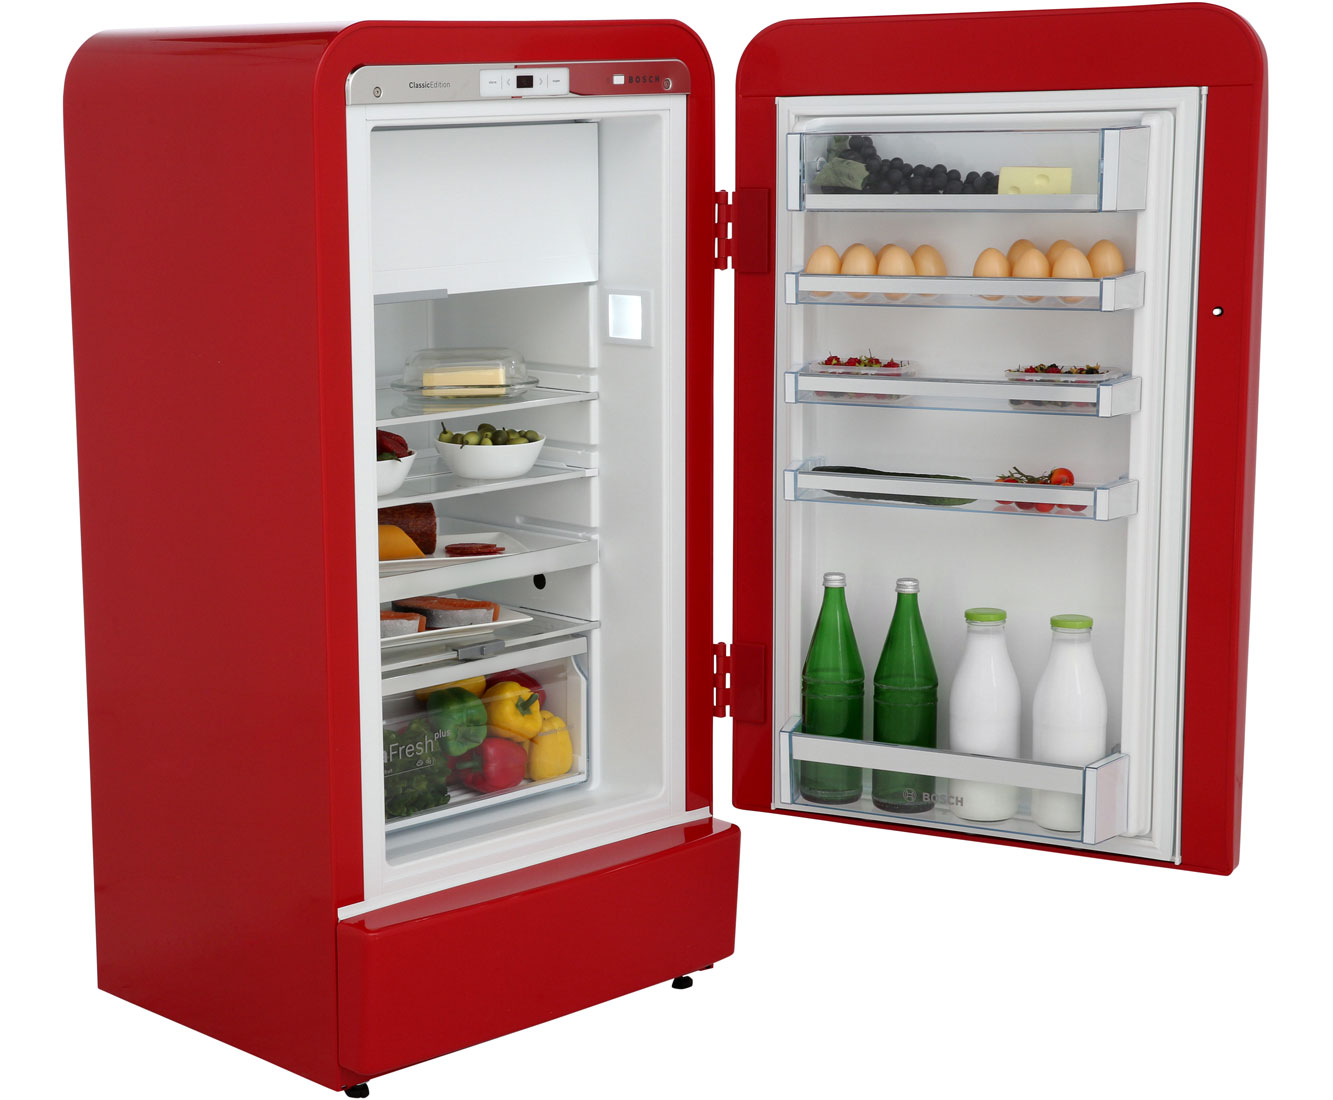 Bosch Kühlschrank No Frost Kühlt Nicht : Unsere besten kühlschränke bequem bestellen bei ao.de